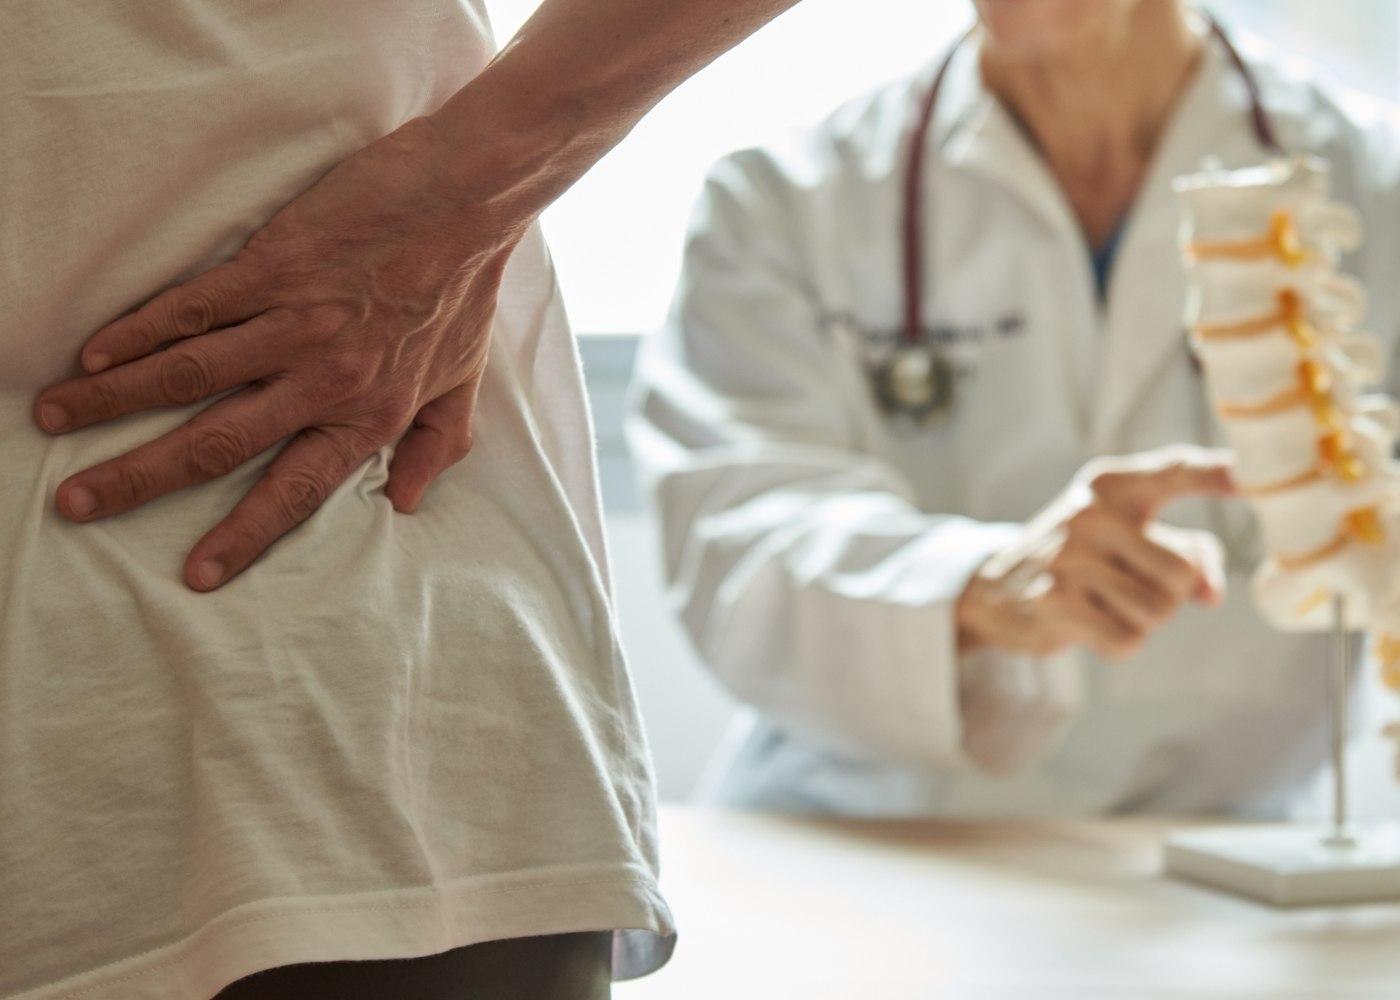 pessoa numa consulta médica com dores na coluna